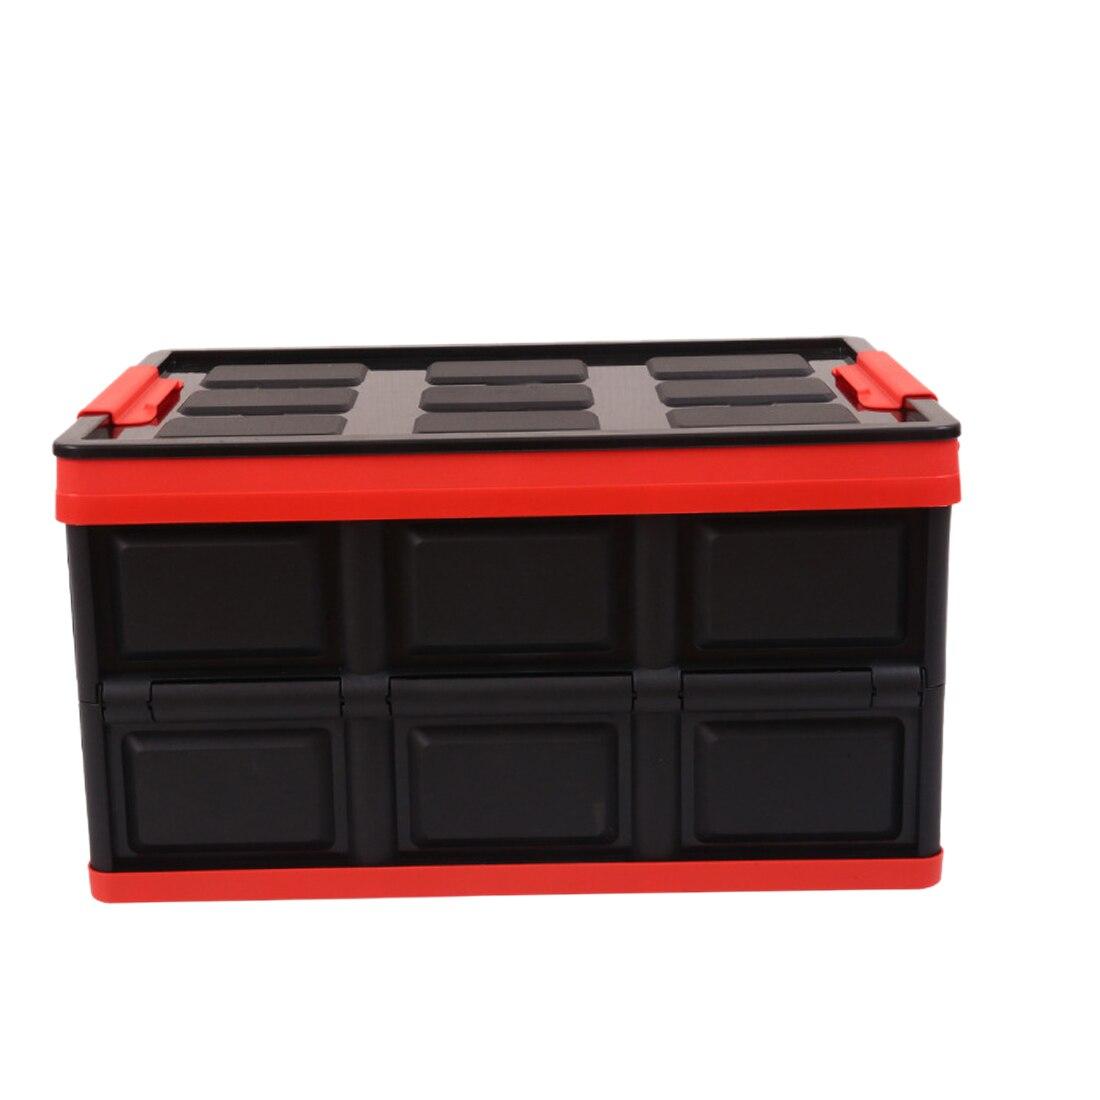 Hipsteen recipiente para armazenamento multifuncional, 55l, dobrável, organizador de caminhão, recipientes de cozinha, decoração para casa, preto e vermelho